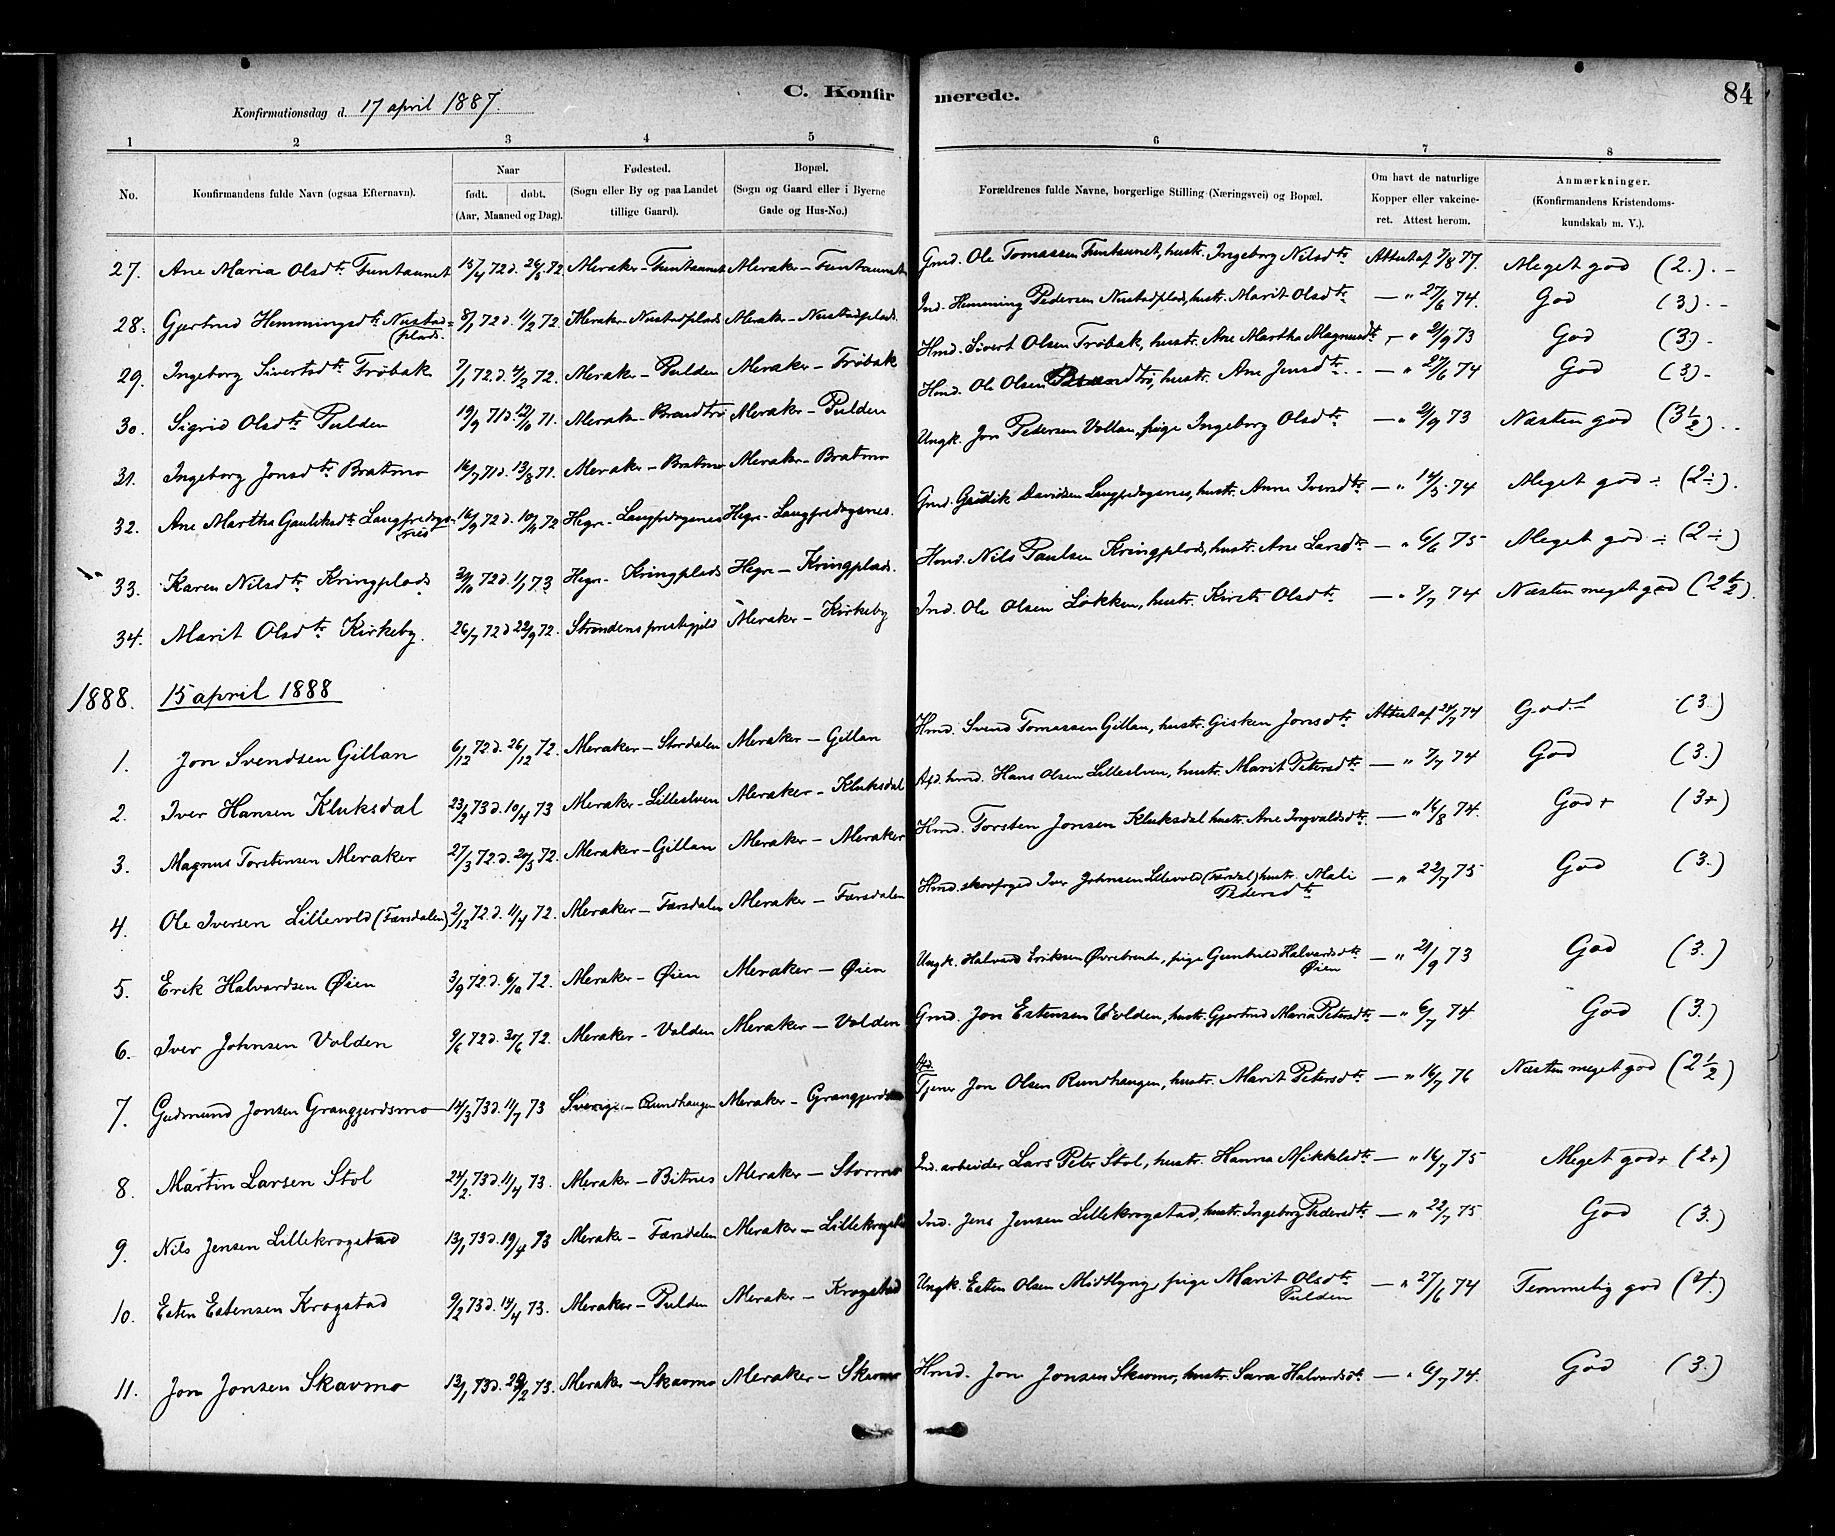 SAT, Ministerialprotokoller, klokkerbøker og fødselsregistre - Nord-Trøndelag, 706/L0047: Parish register (official) no. 706A03, 1878-1892, p. 84